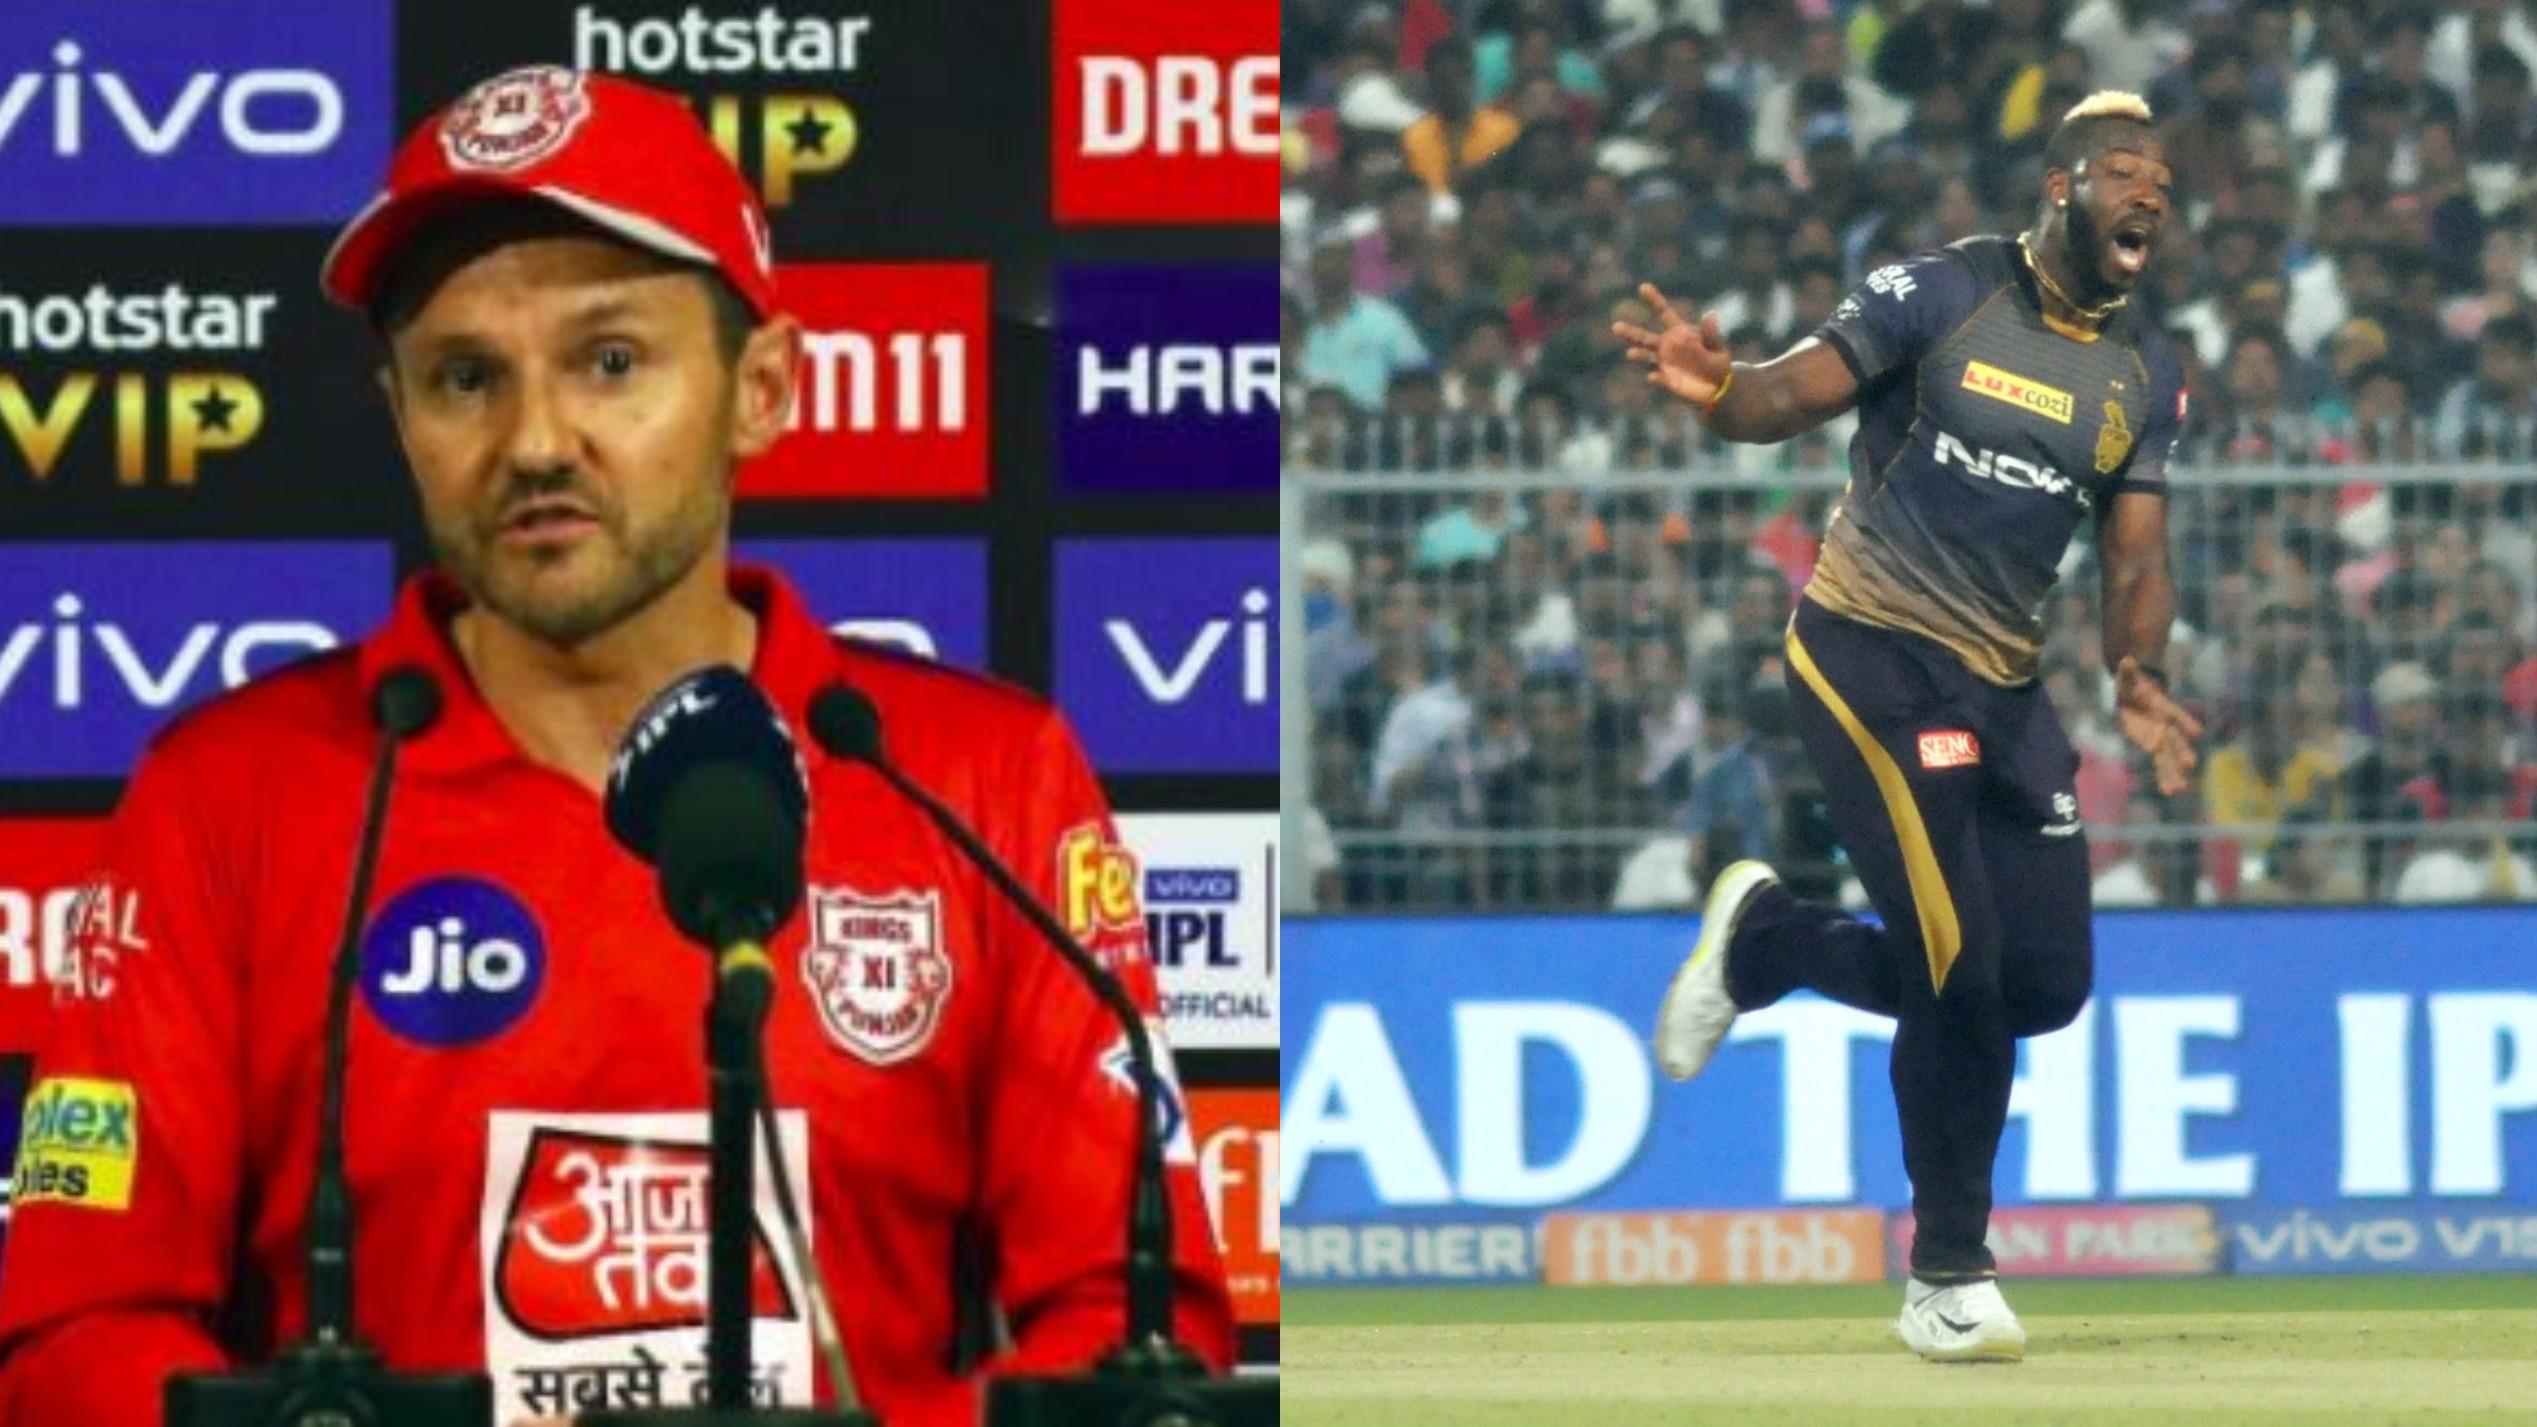 IPL 2019 : माइक हेसन ने स्वीकार किया कि आंद्रे रसेल की पारी ने बदला मैच का रुख